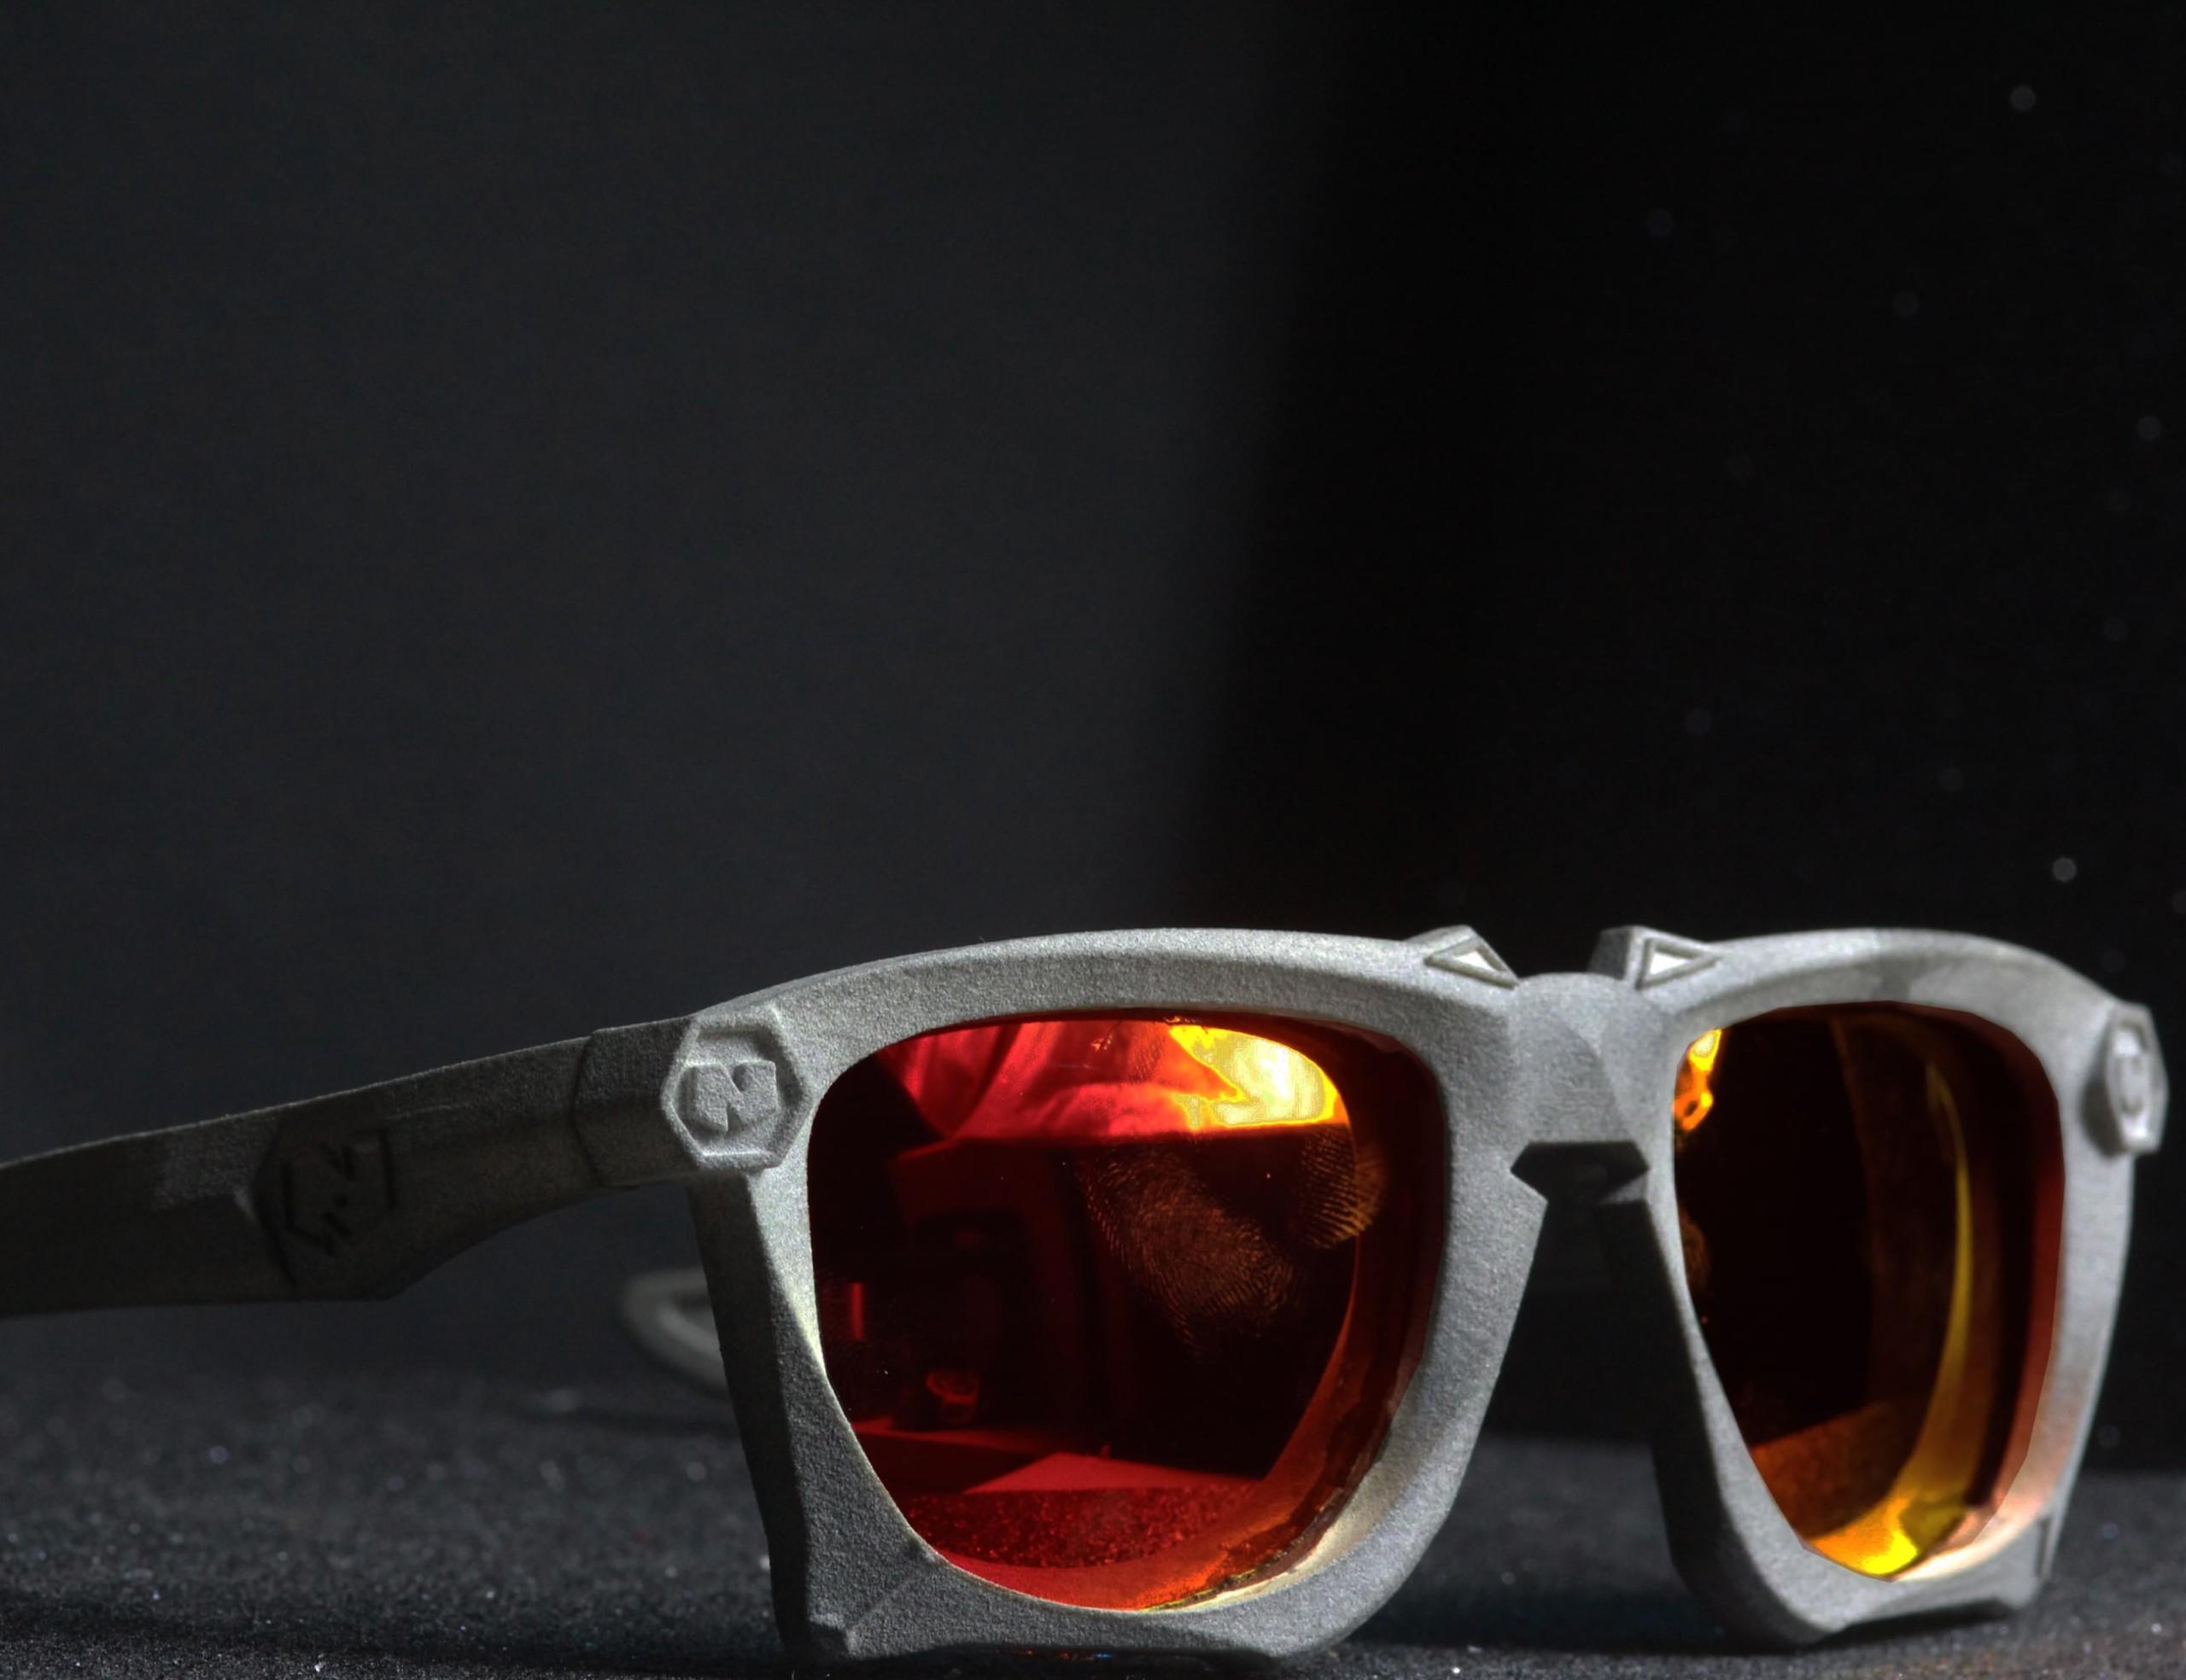 Nuke Venom Modular Rx Eyewear